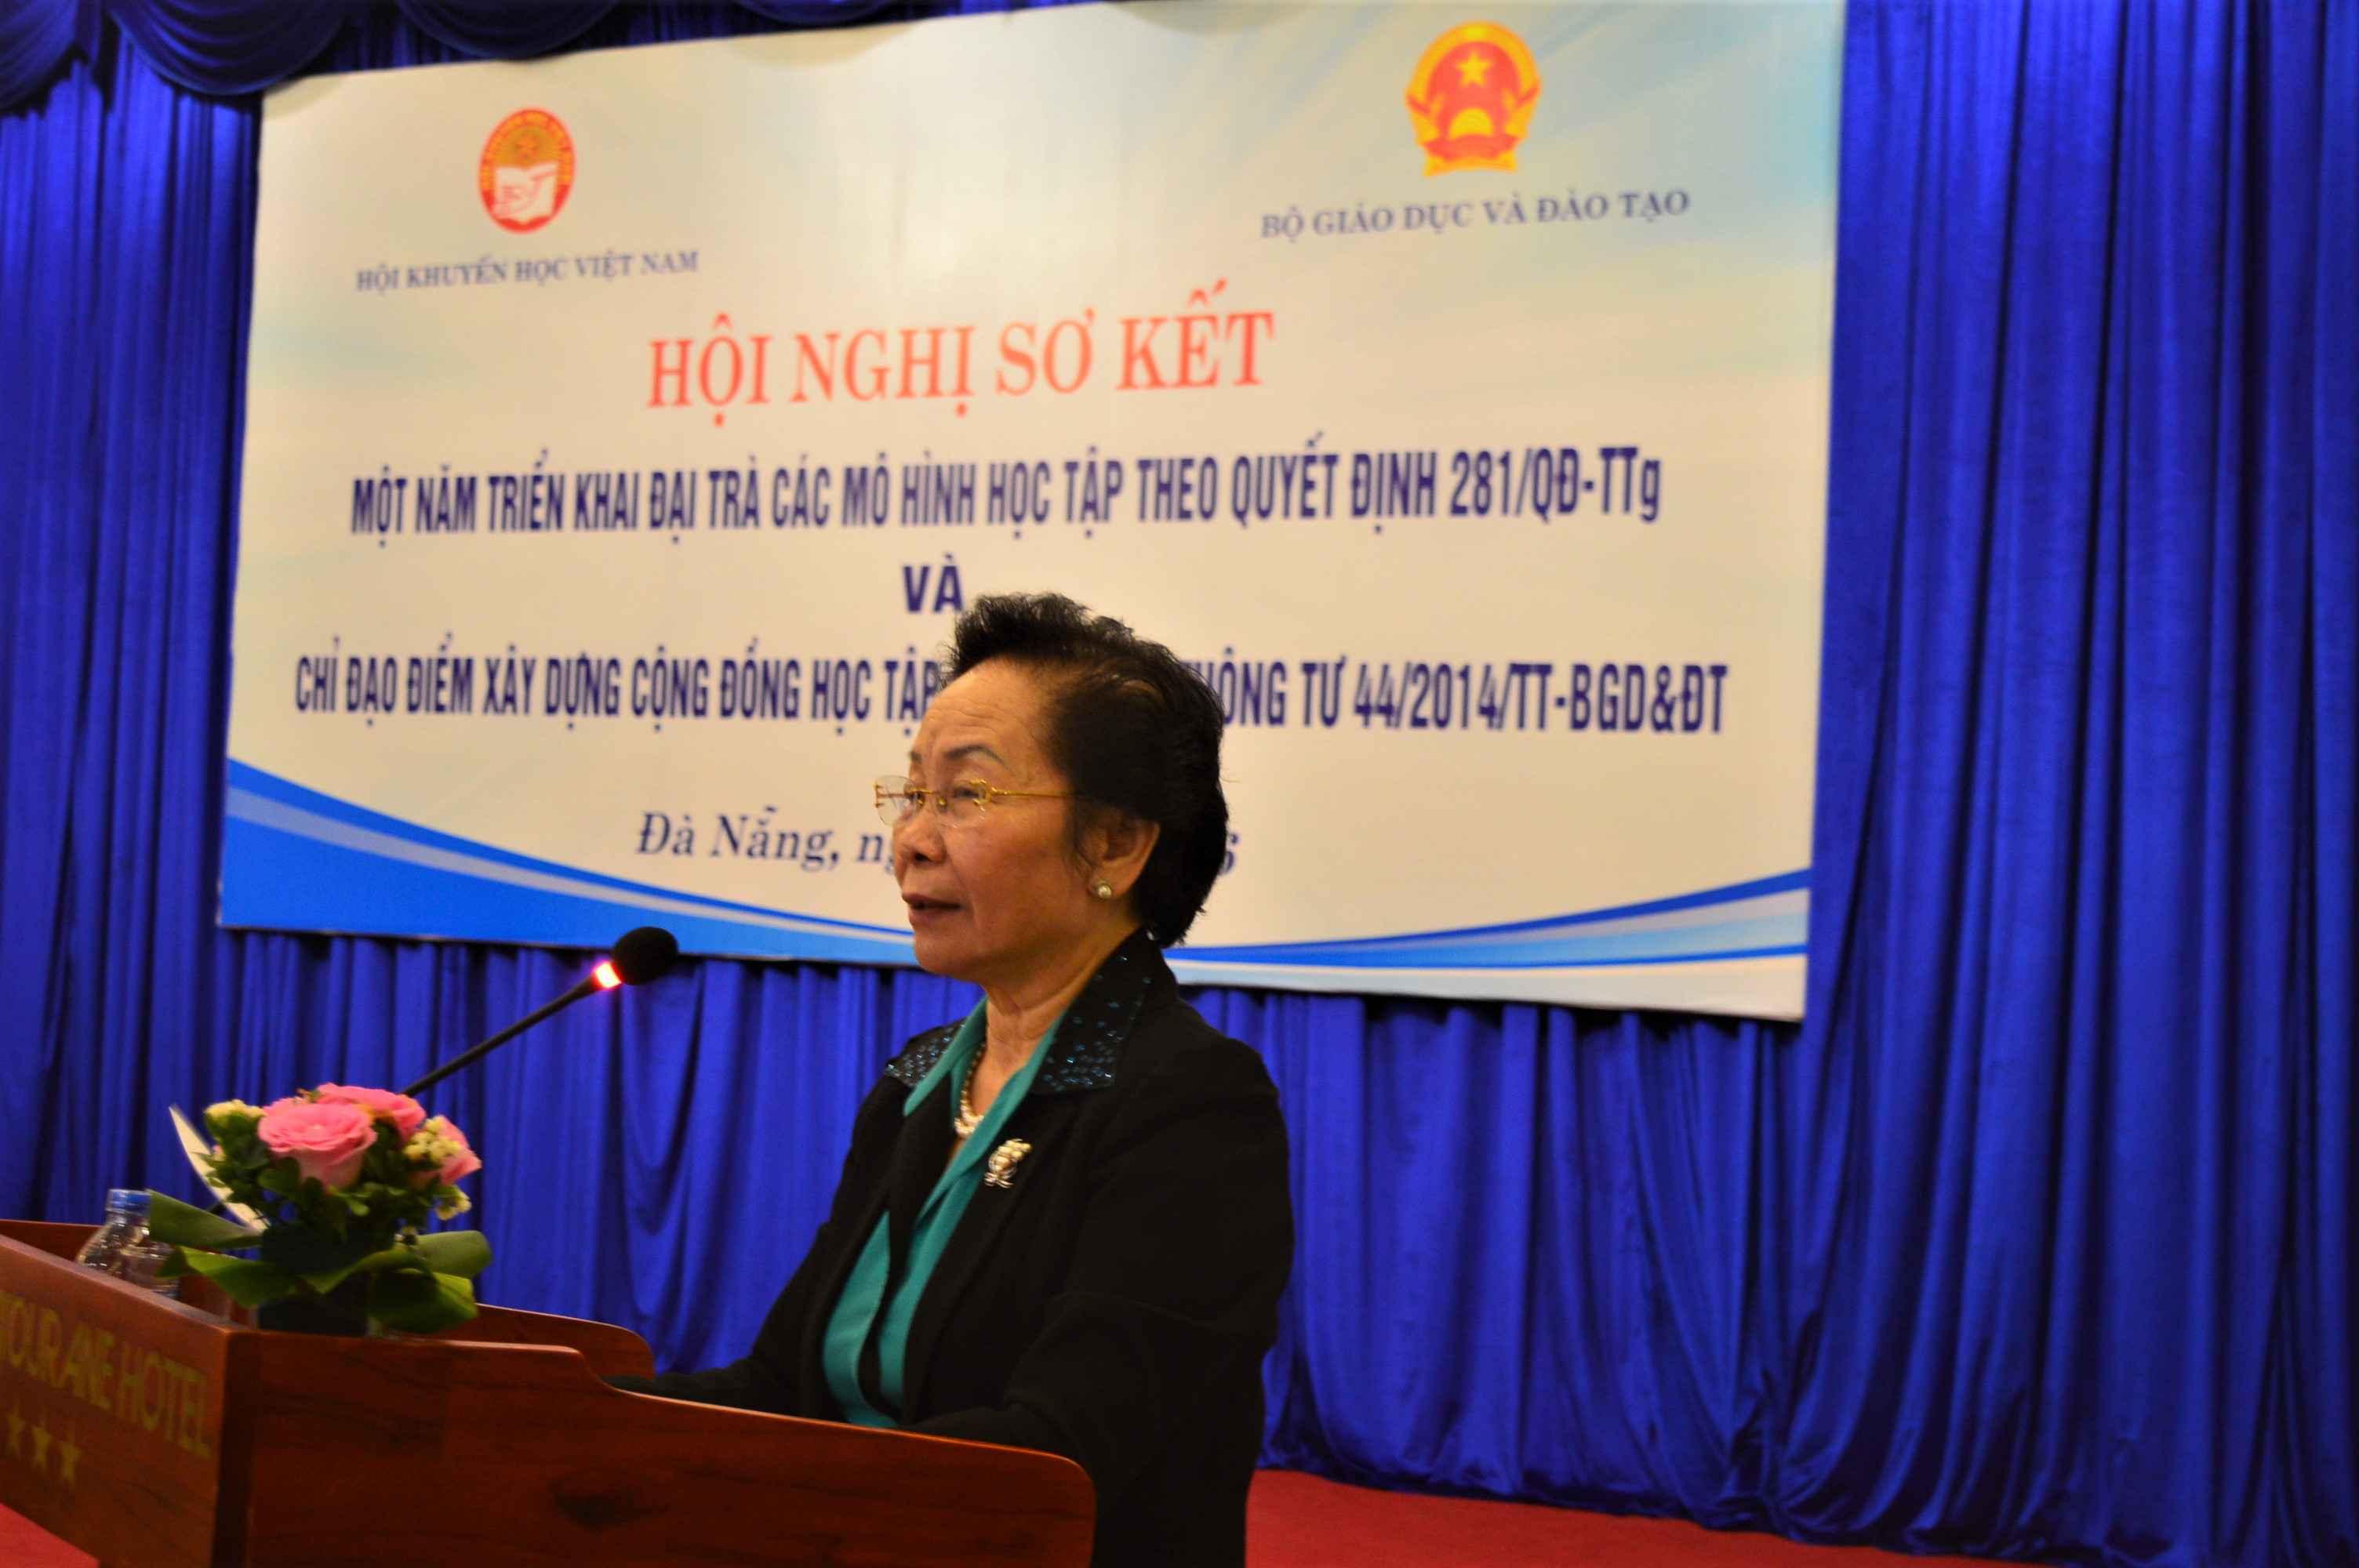 Nguyên Phó chủ tịch nước, Chủ tịch Hội khuyến học Việt Nam Nguyễn Thị Doan phát biểu tại hội nghị. Ảnh: Q.T